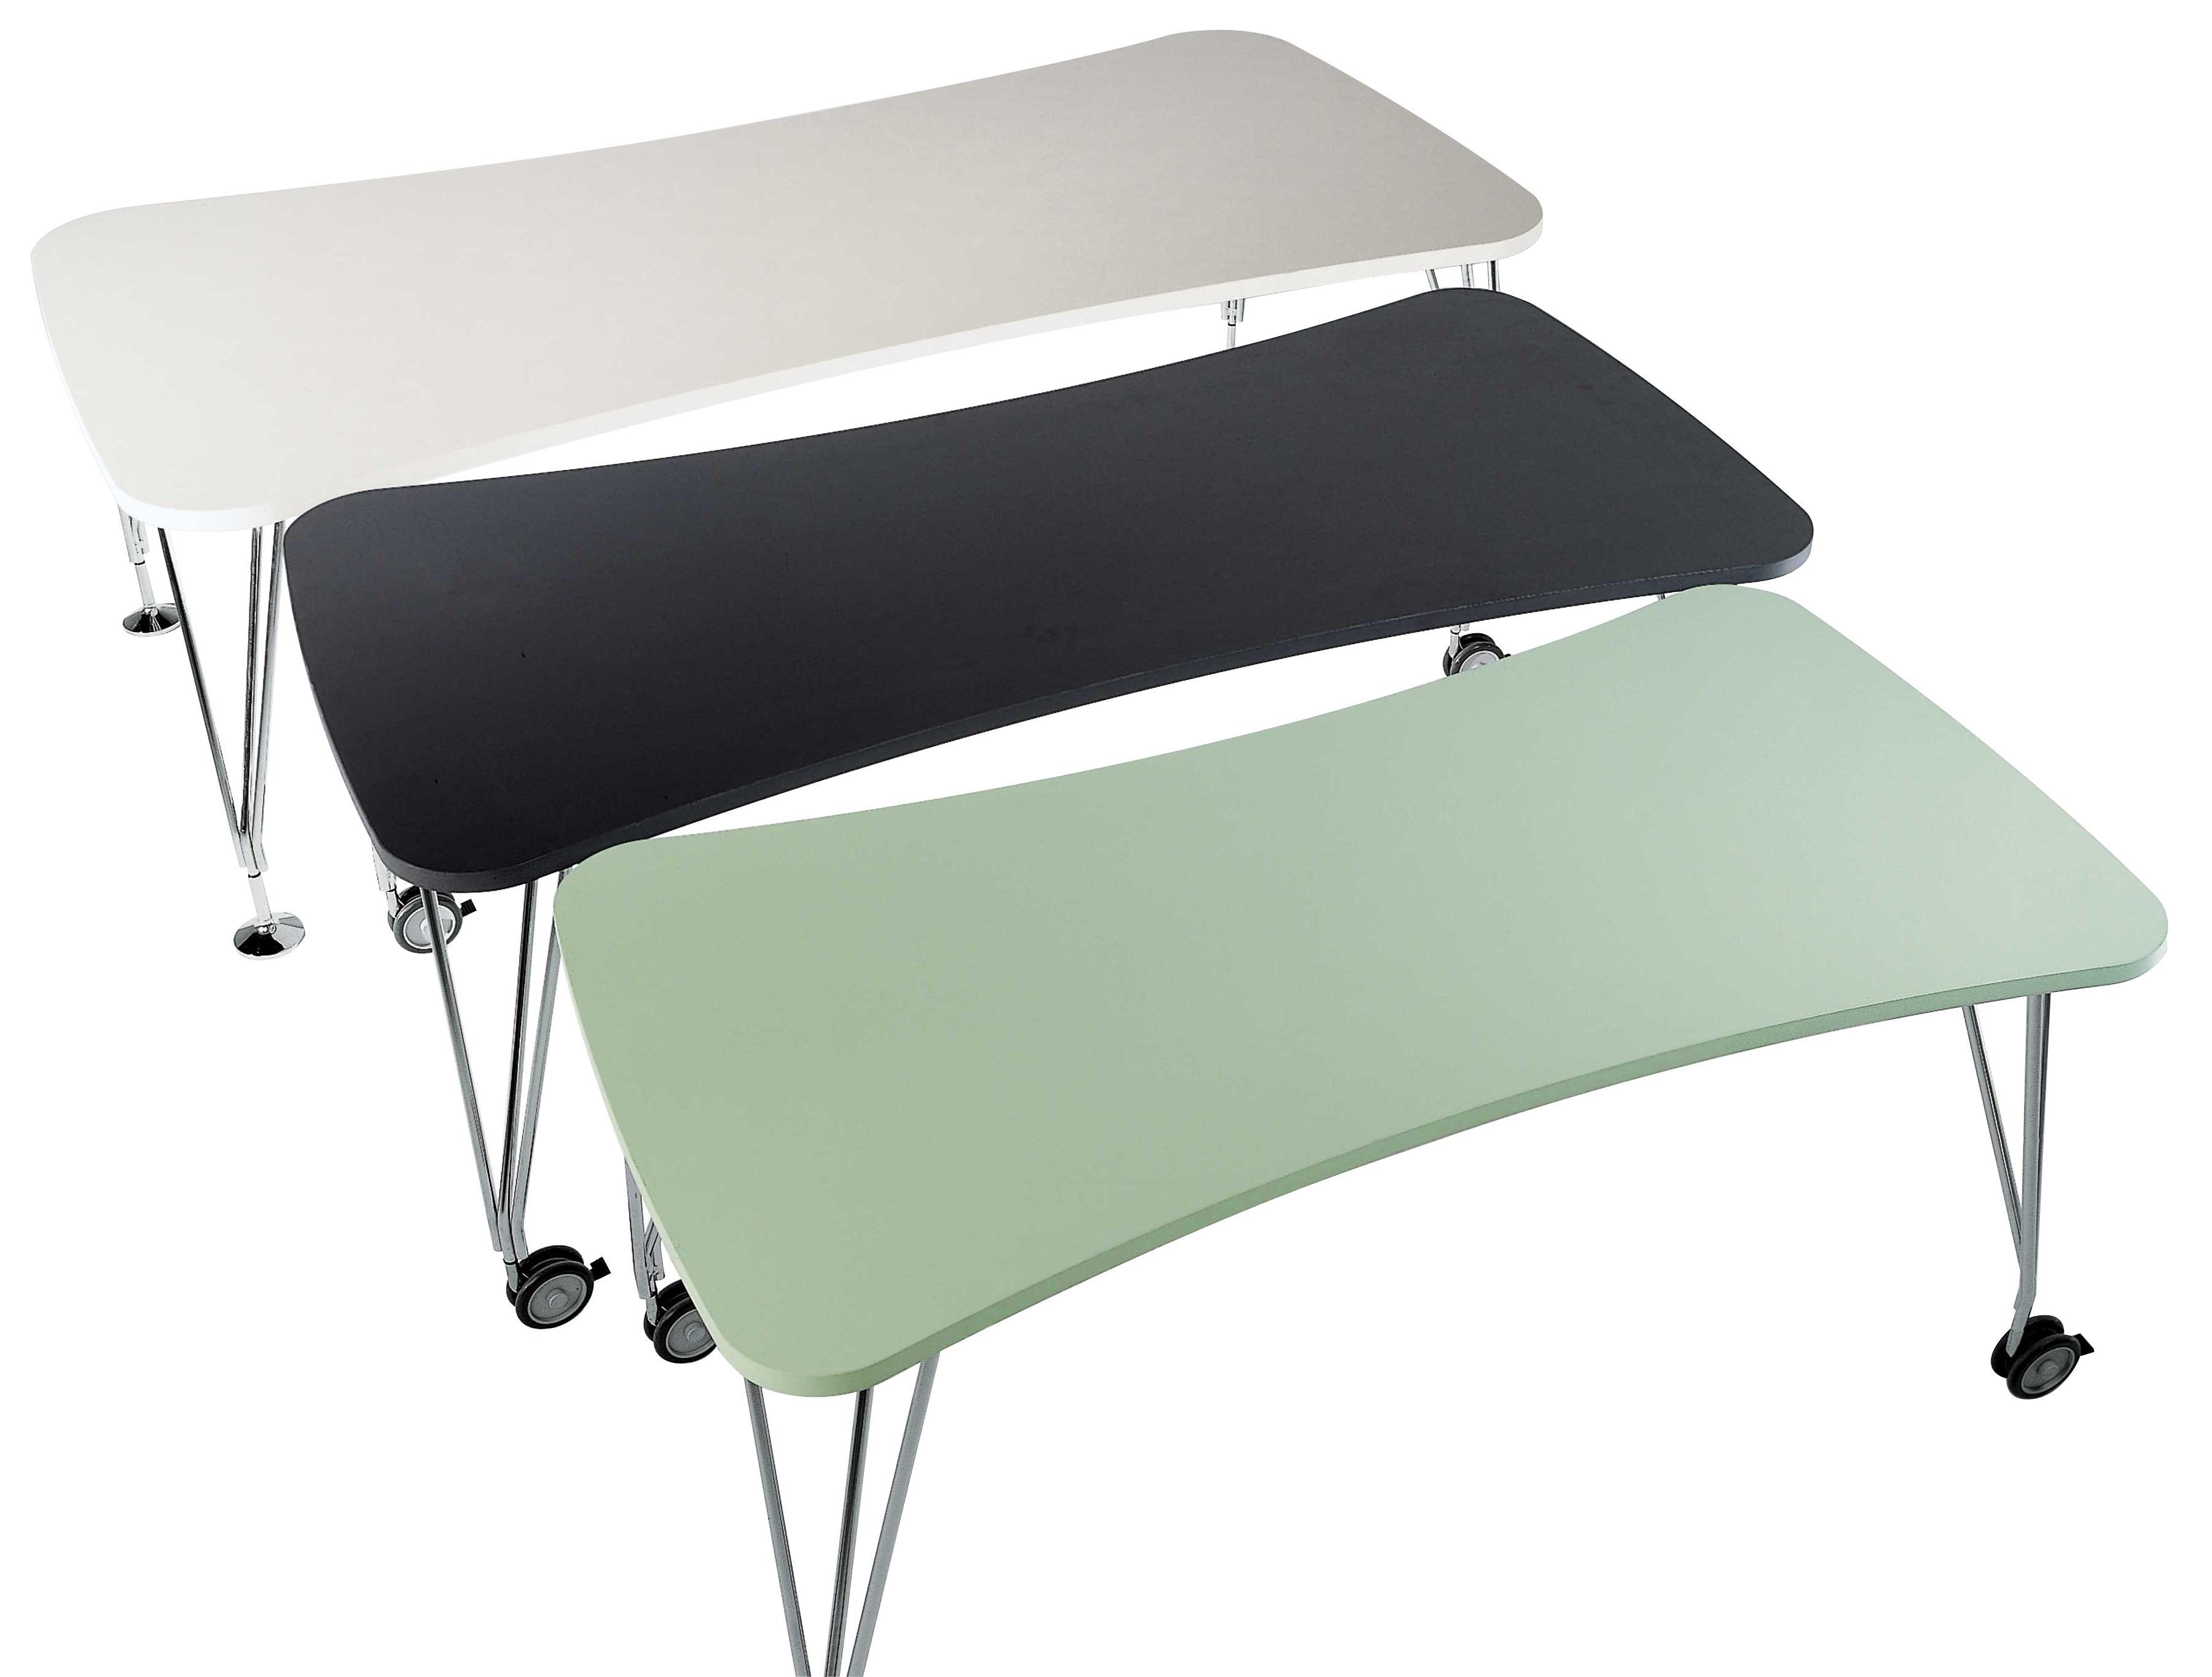 Mobilier - Mobilier Ados - Table rectangulaire Max / Bureau - L 160 cm - Kartell - Ardoise - Acier chromé, Laminé